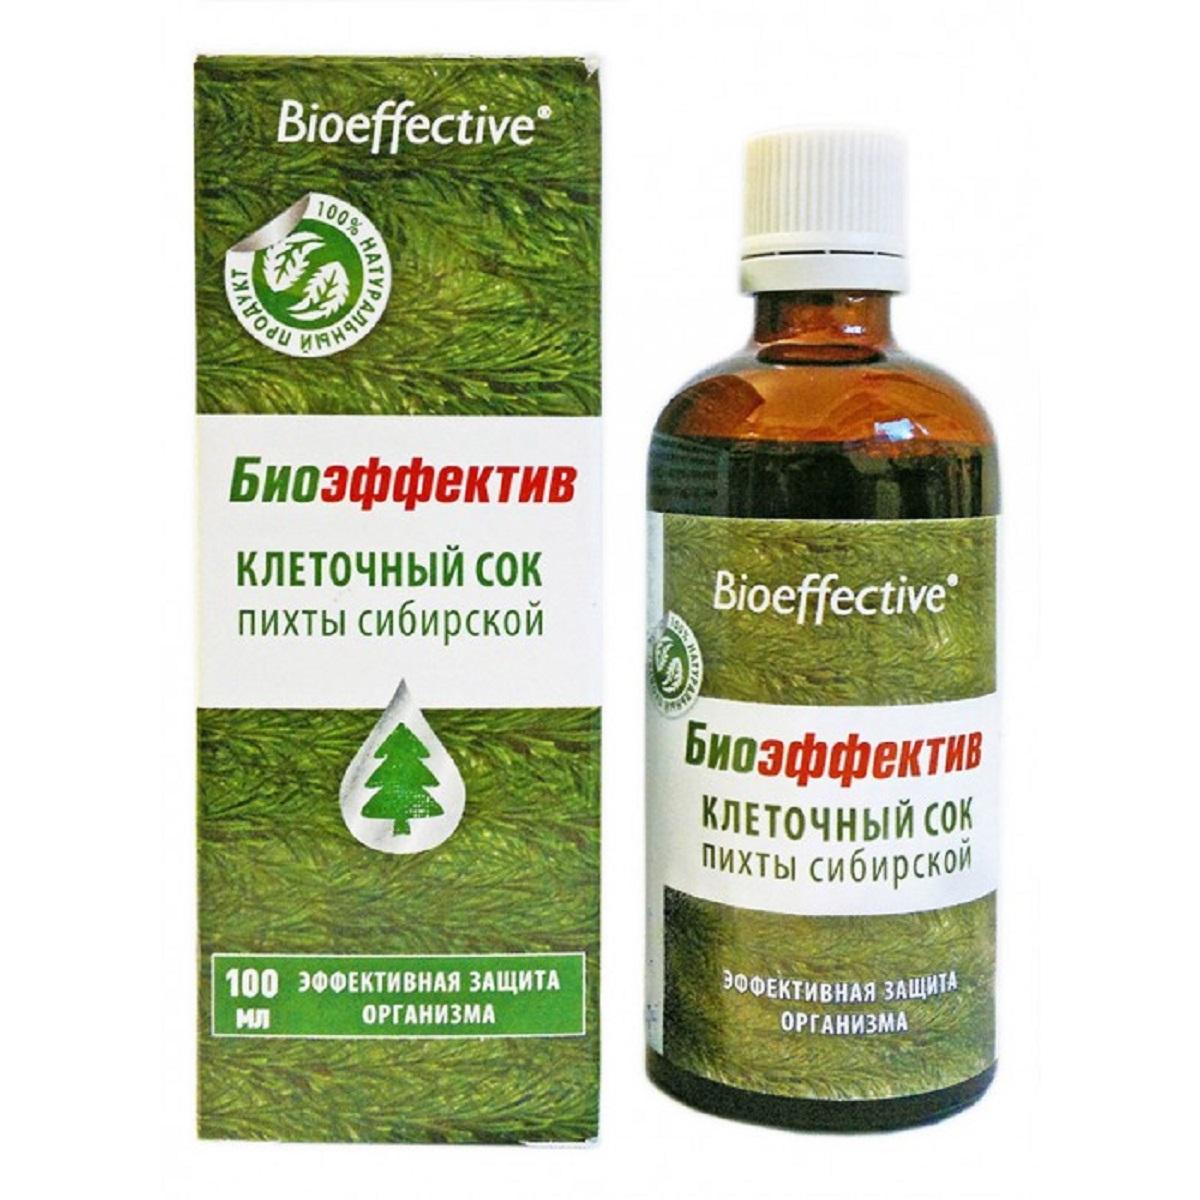 Биоэффектив клеточный сок пихты сибирской, 100 мл, BioEffective